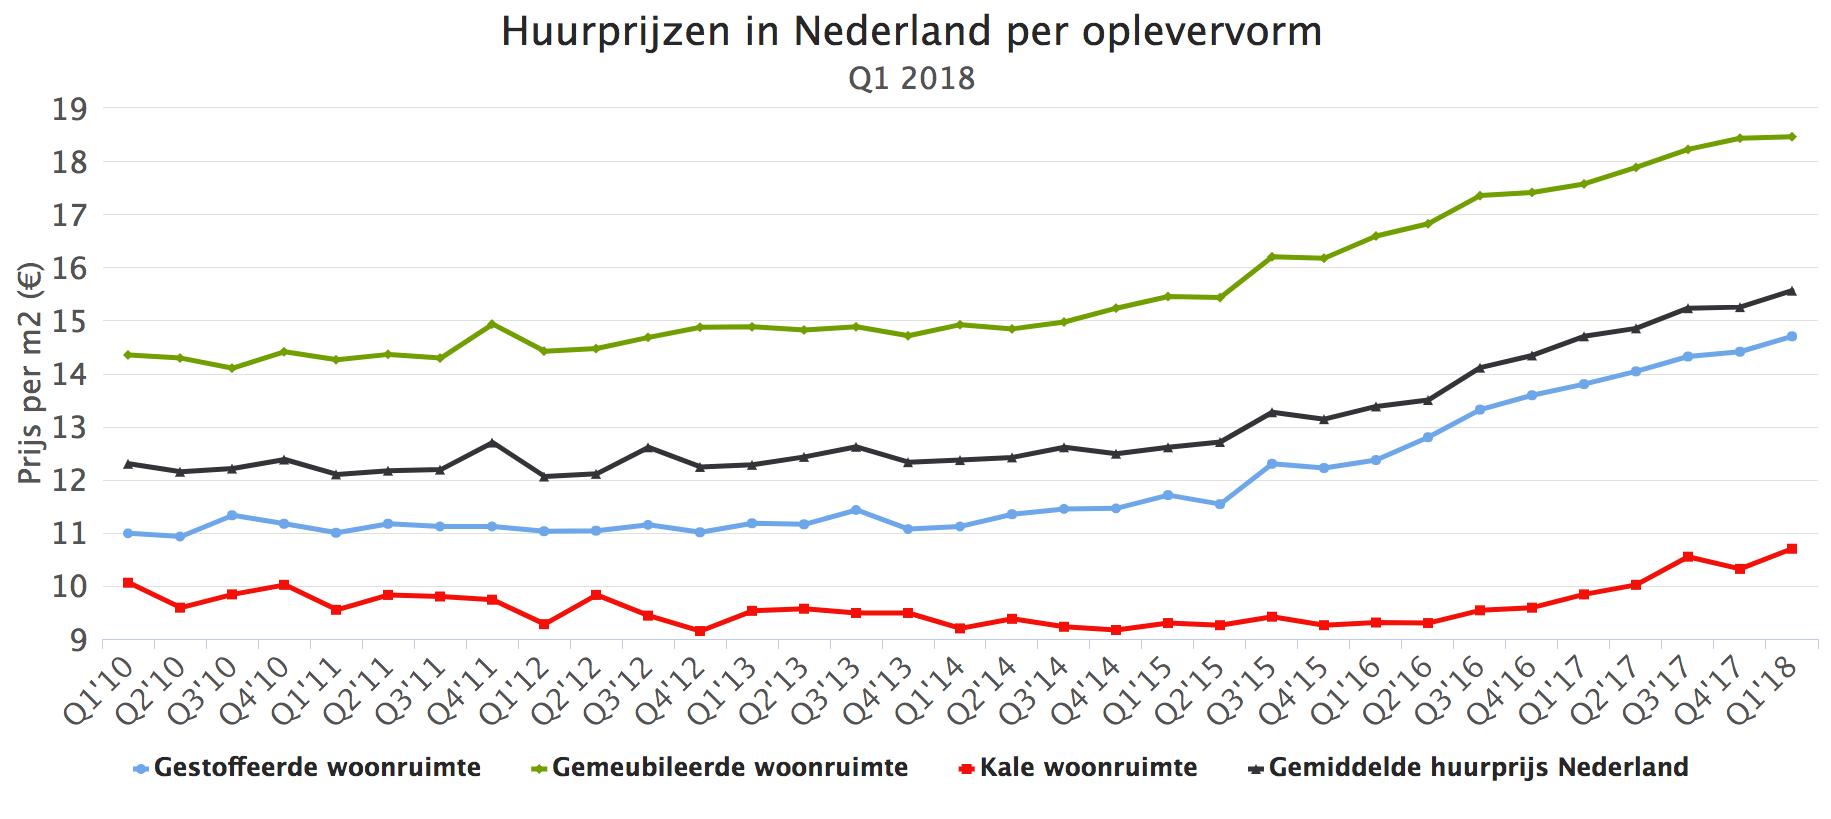 Huurprijzen in Nederland per oplevervorm